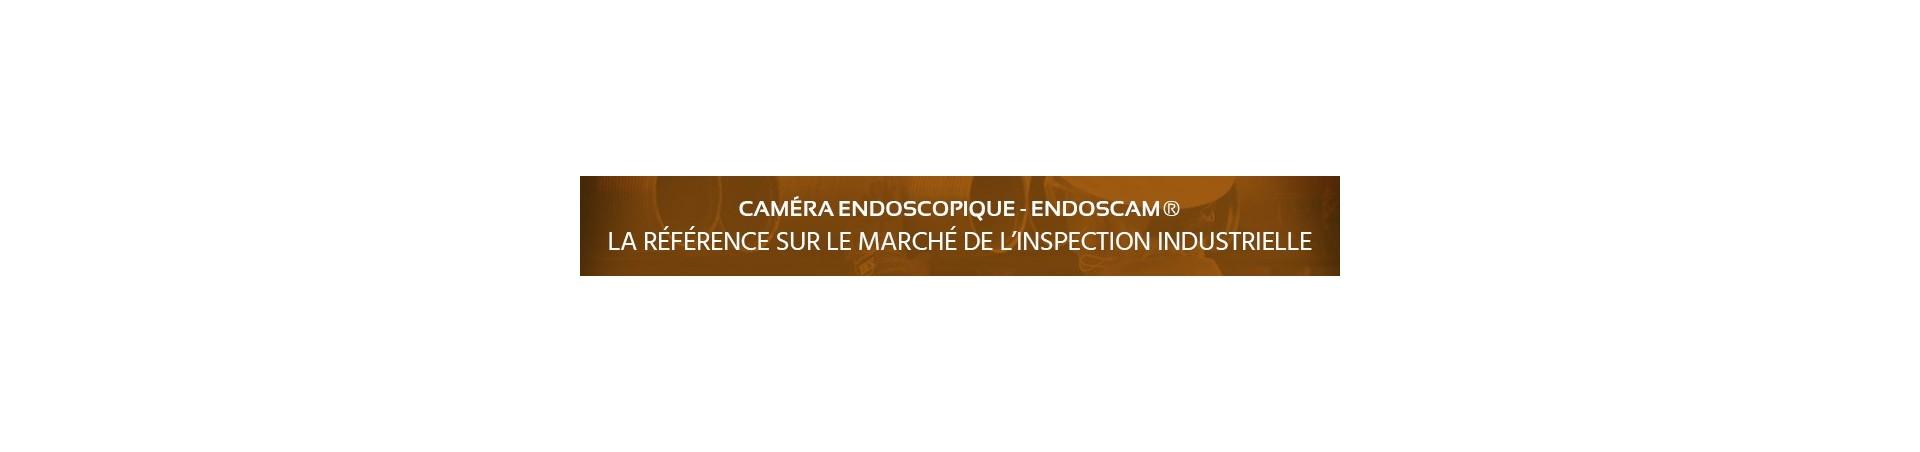 Videoscope industriel - Achat en ligne | AGM TEC